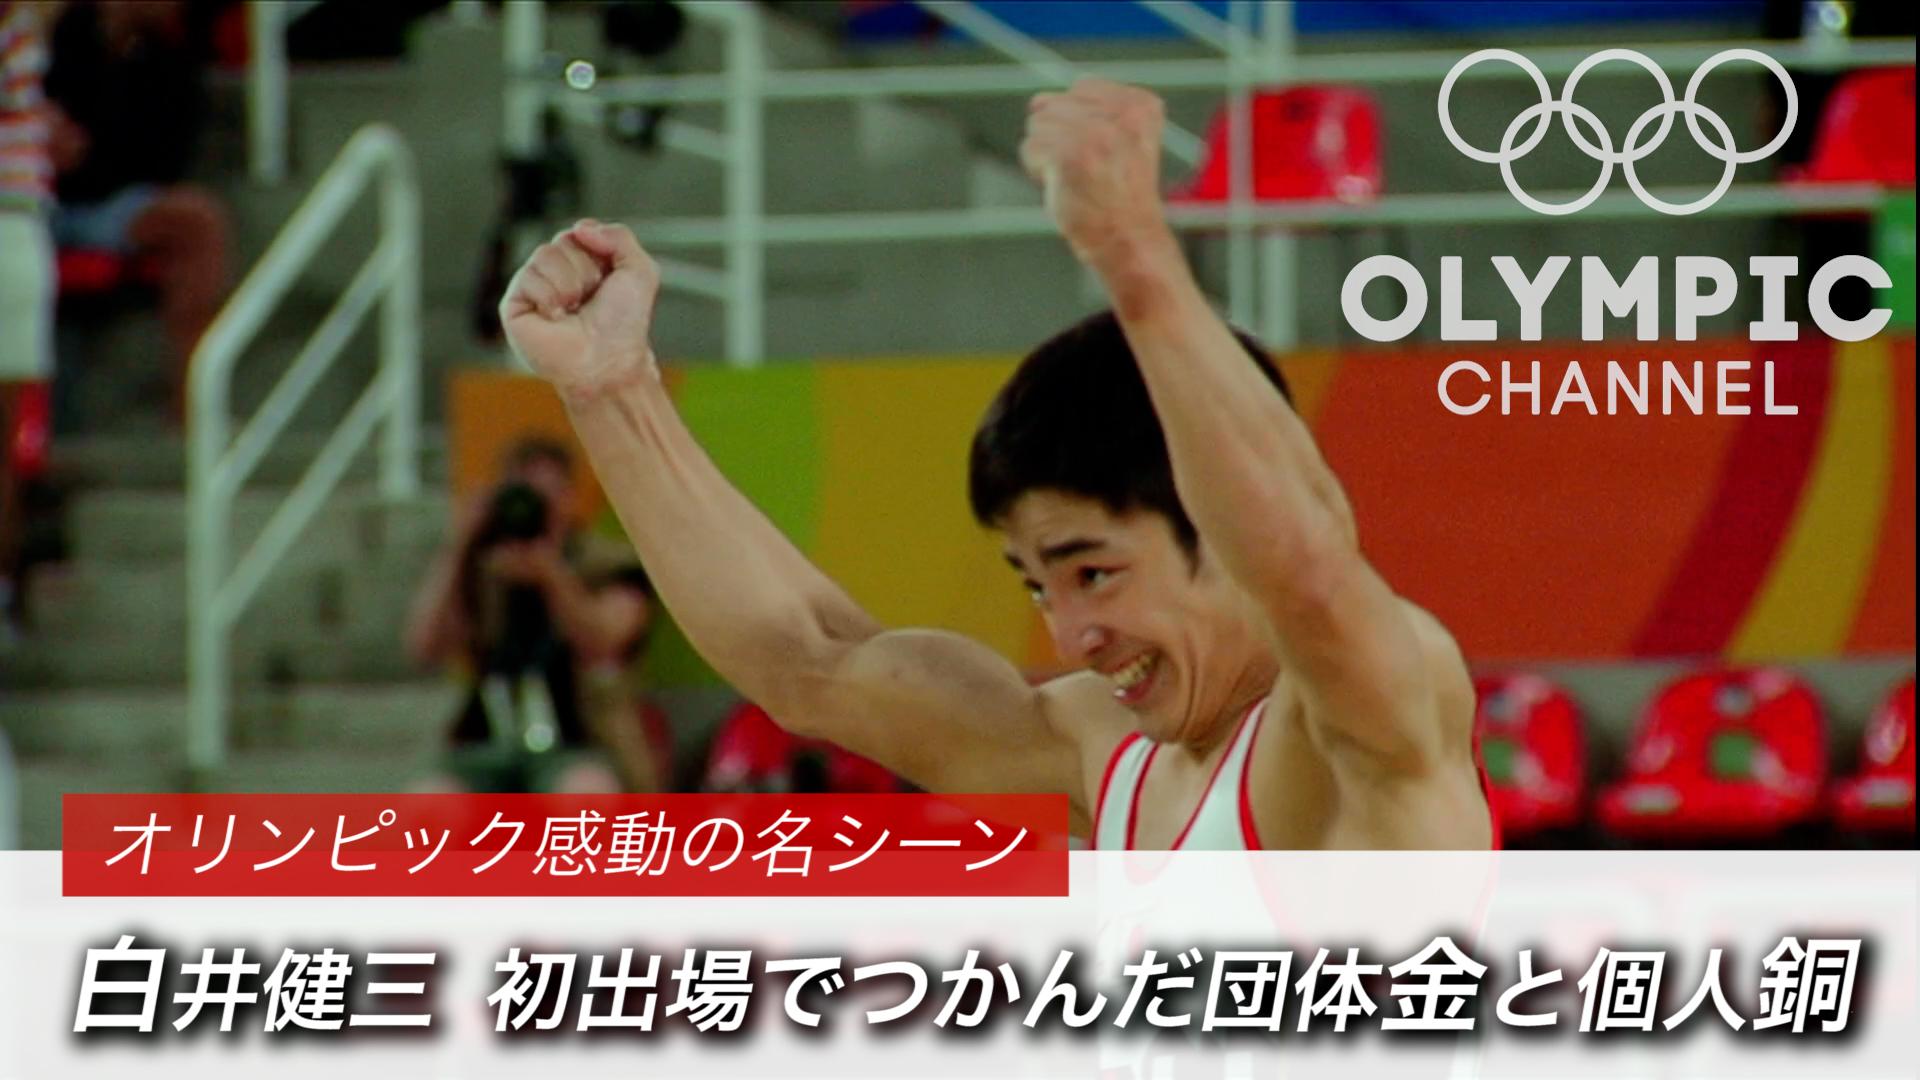 オリンピック感動の名シーン 白井健三 初出場でつかんだ団体金と個人銅